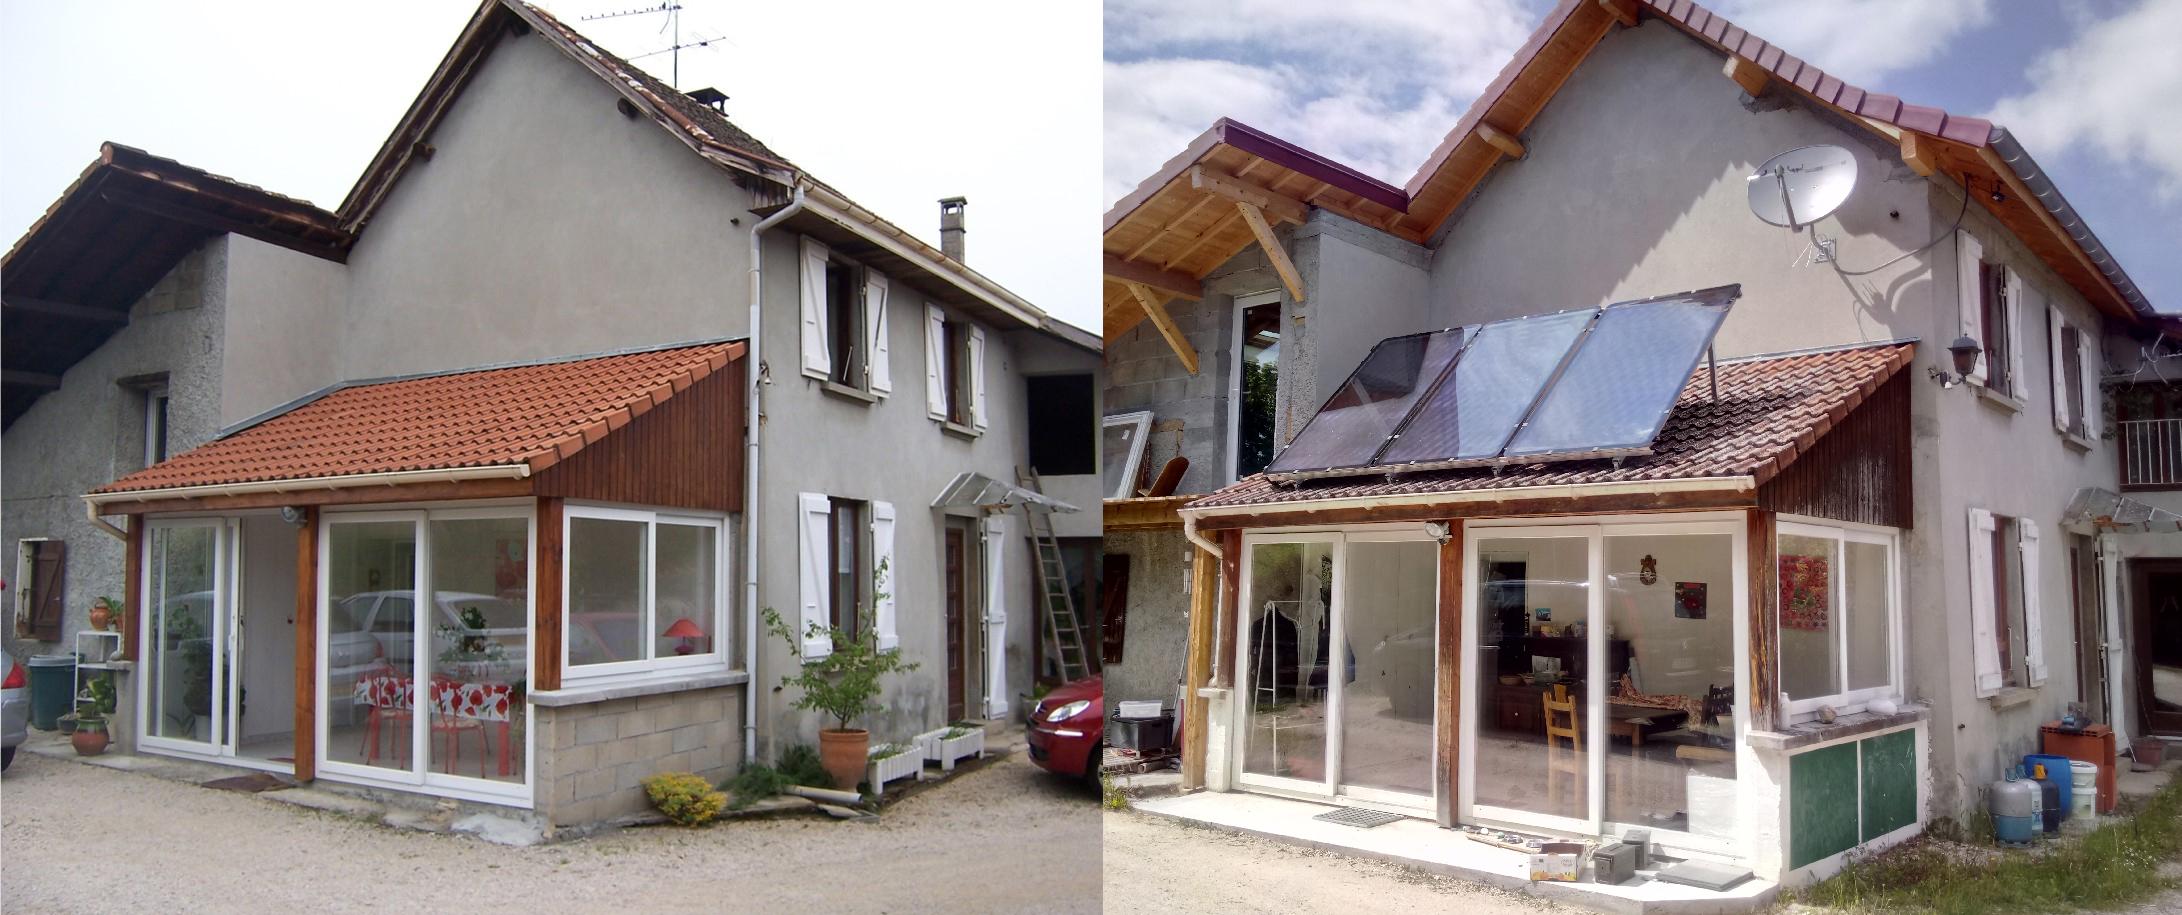 Visite d'une rénovation performante d'une maison en pisé à Dolomieu